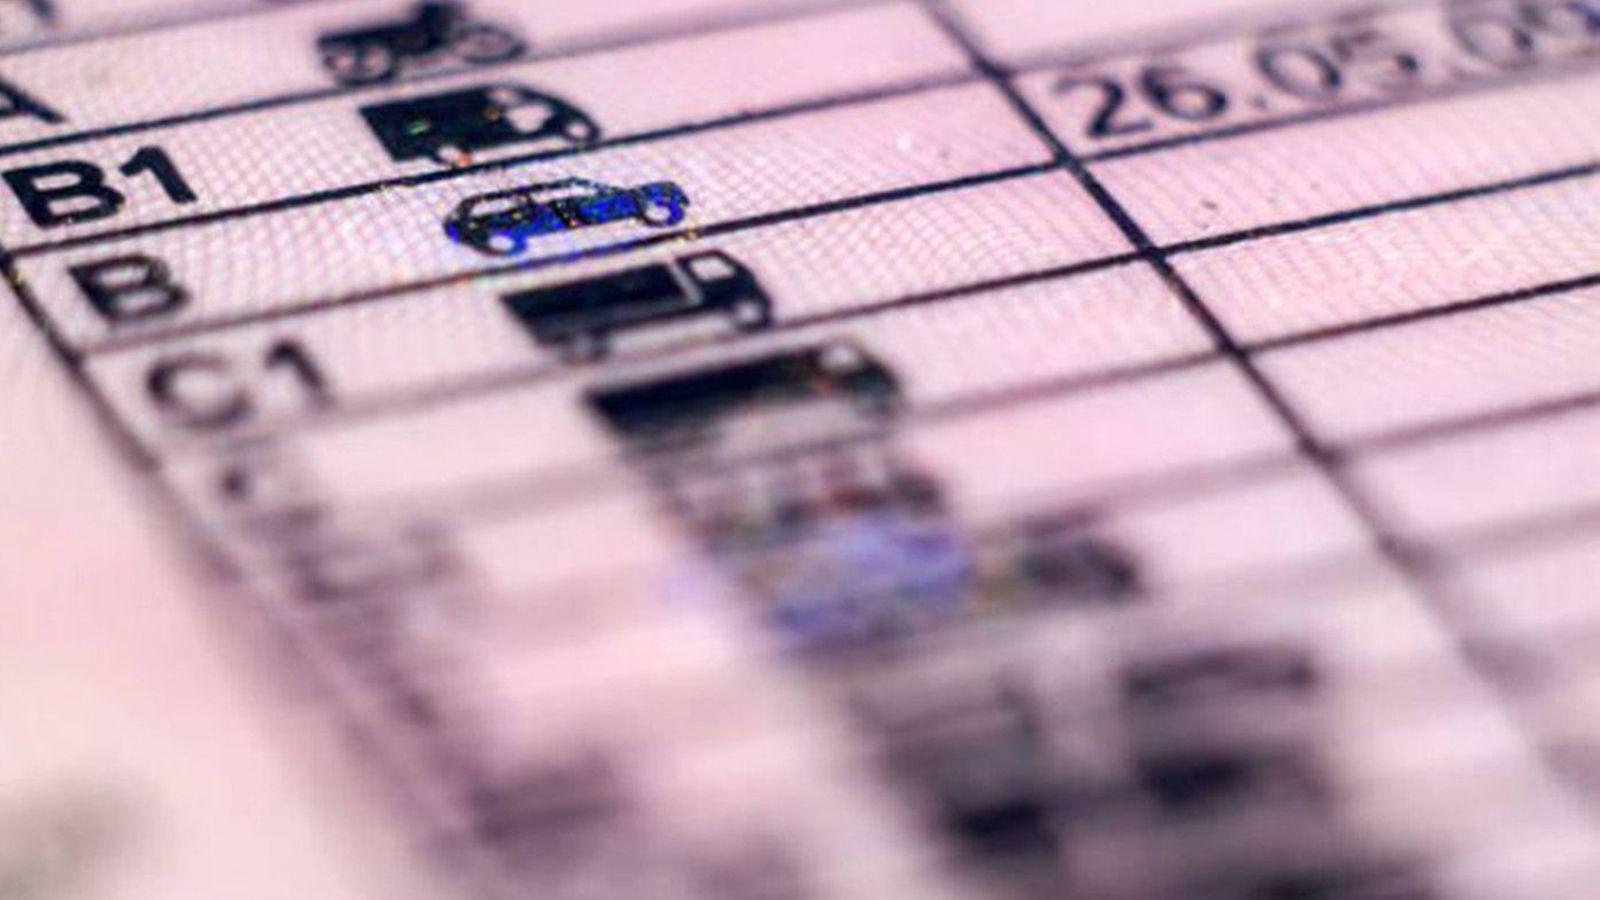 Ηλεκτρονικά η αντικατάσταση άδειας οδήγησης σε όλη την Ελλάδα